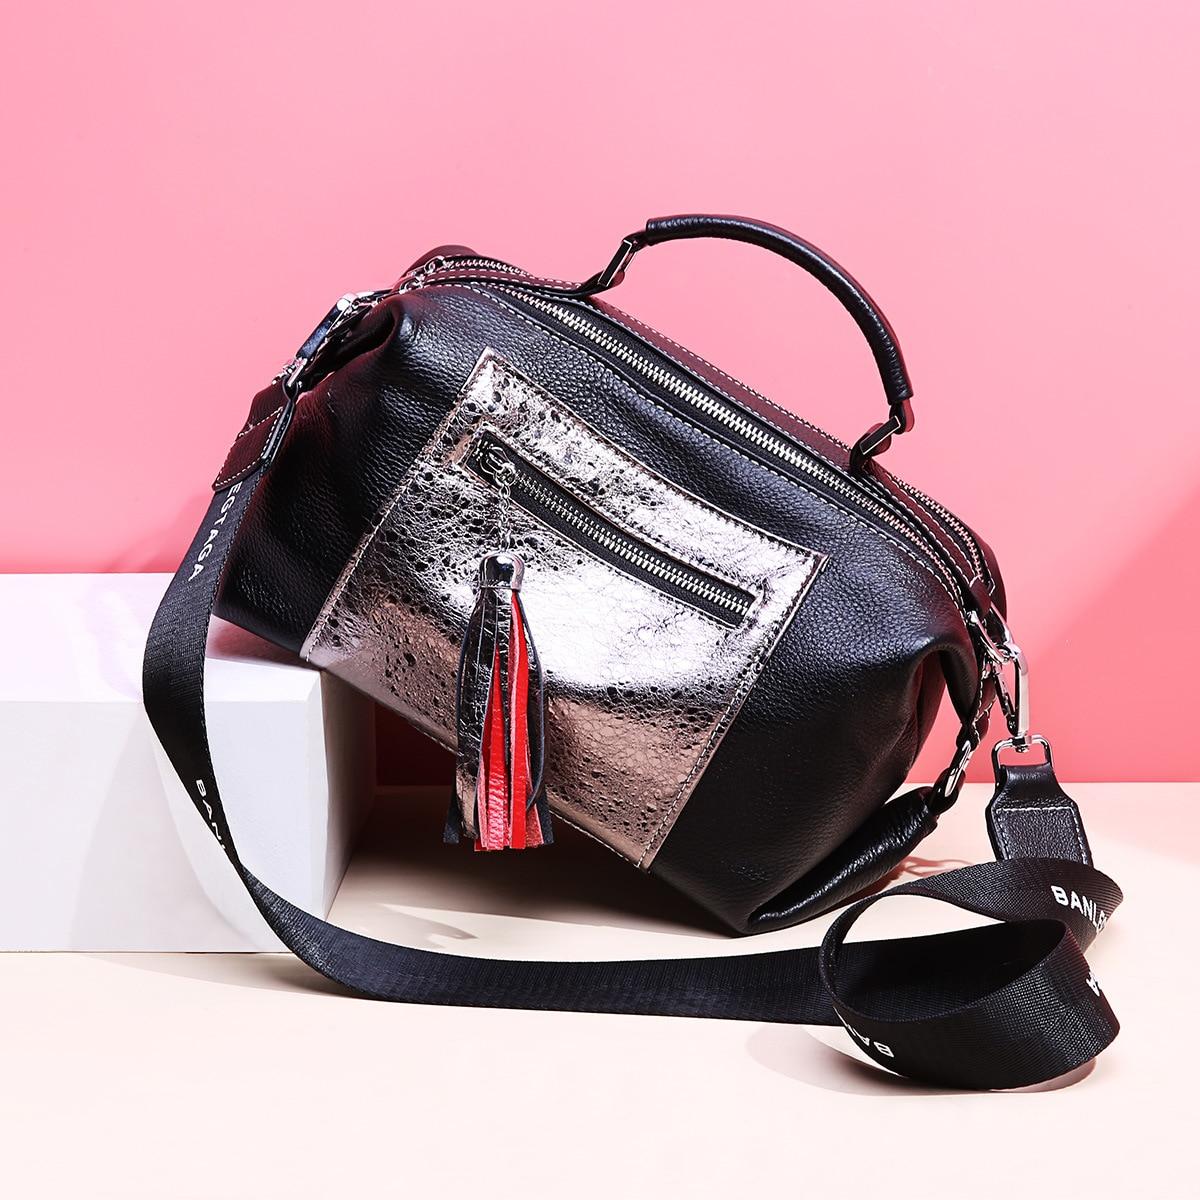 Metalic Silver Paneled บอสตันกระเป๋าออกแบบ 100% ของแท้หนังผู้หญิงกระเป๋าถือขนาดใหญ่กระเป๋าถือรายวันคุณภาพสูงเงา Totes-ใน กระเป๋าสะพายไหล่ จาก สัมภาระและกระเป๋า บน AliExpress - 11.11_สิบเอ็ด สิบเอ็ดวันคนโสด 1